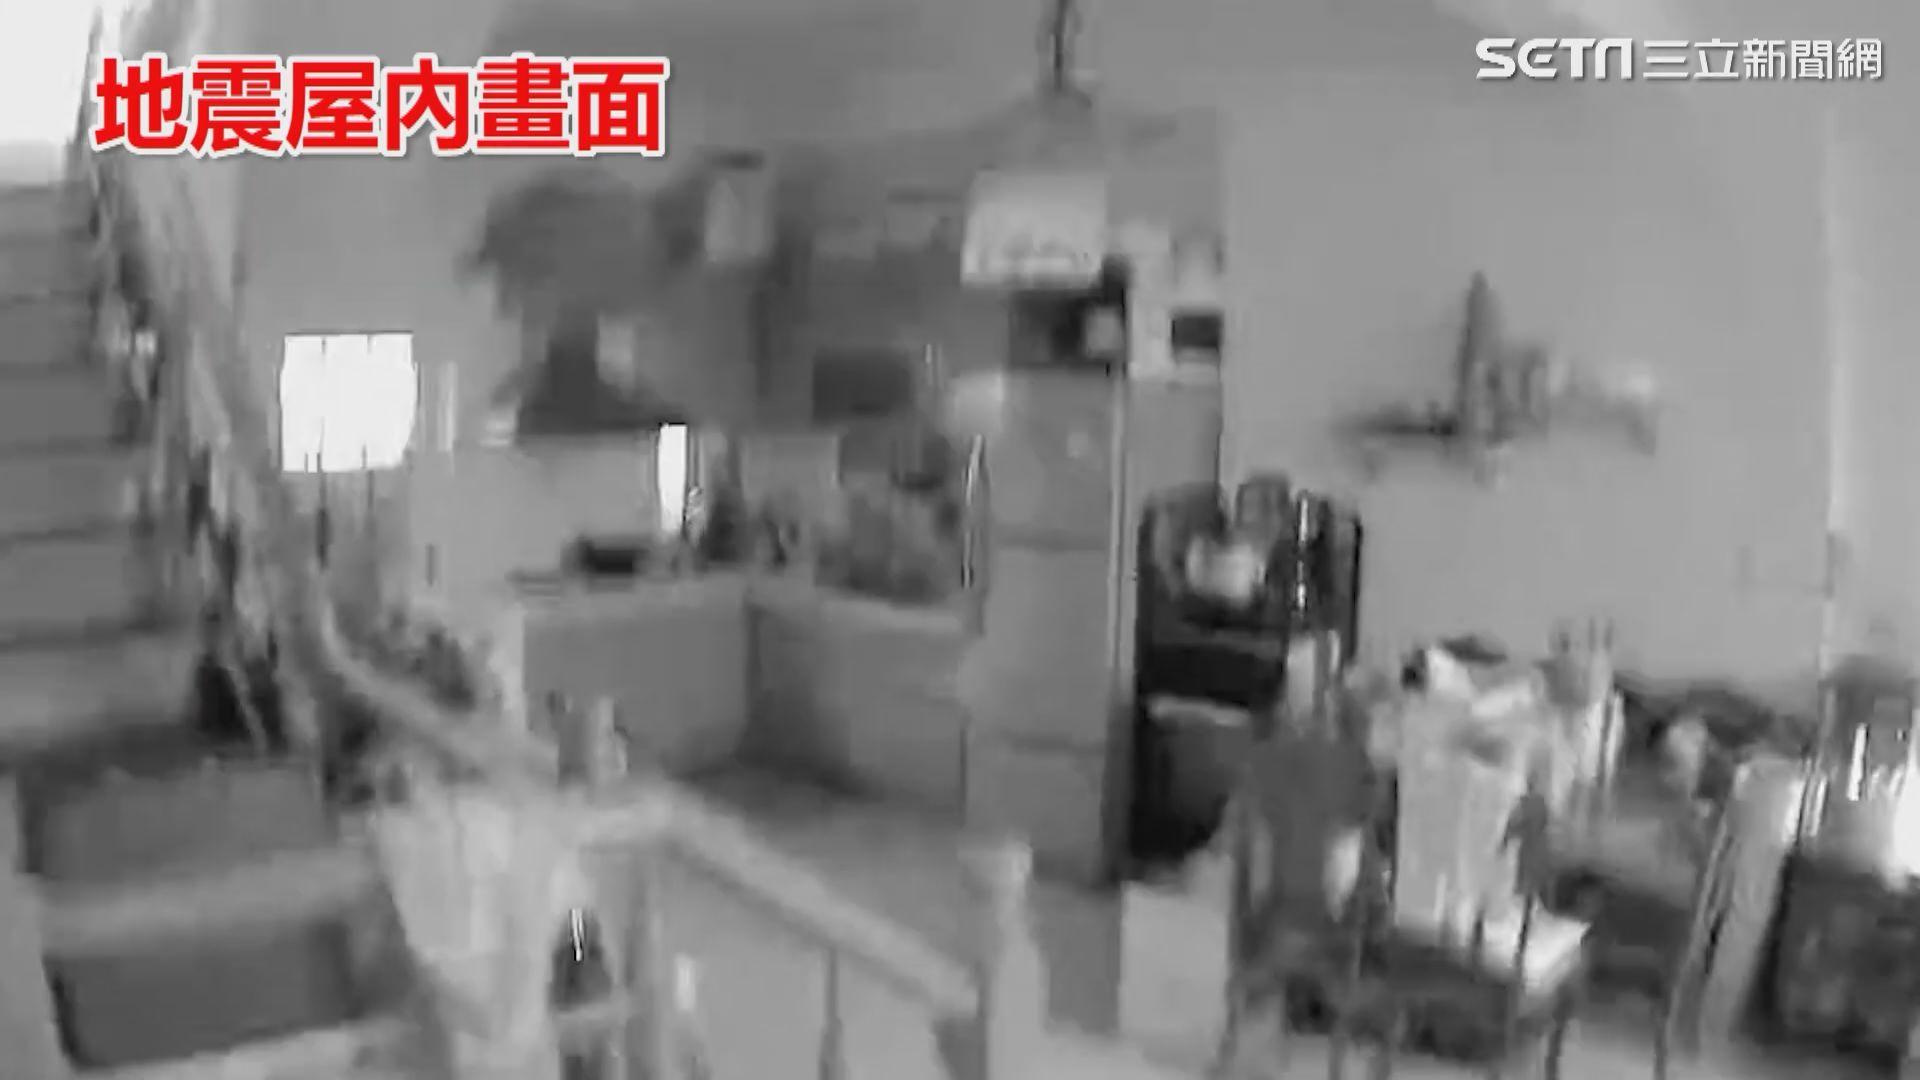 台灣花蓮5.2級 沒傷亡報告